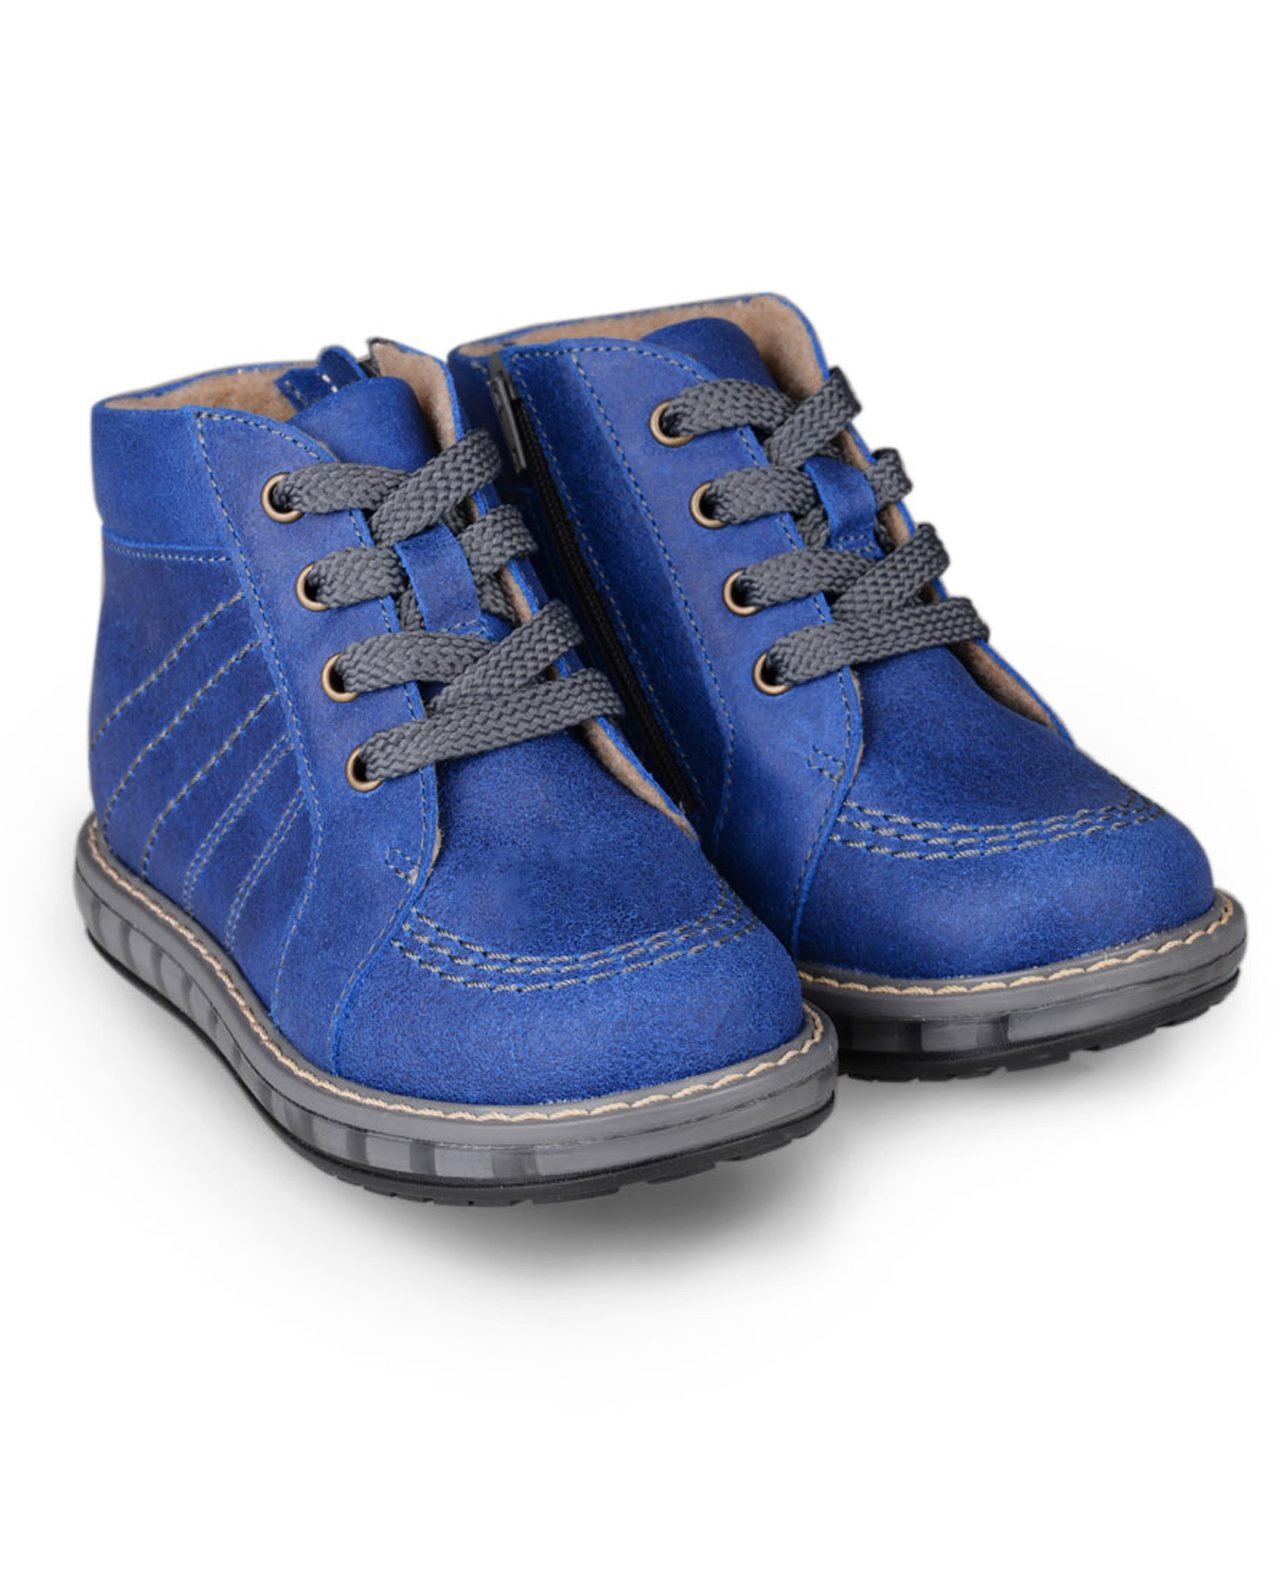 Ботинки Детские, Tapiboo Арктика (42075, 35 )Осень<br>Ботинки утепленные. Многослойная, анатомическая <br>стелька для правильного формирования стопы. <br>Жесткий фиксирующий задник с удлиненным <br>крылом надежно стабилизирует голеностопный <br>сустав во время ходьбы. Упругая, умеренно-эластичная <br>подошва, имеющая перекат позволяющий повторить <br>естественное движение стопы при ходьбе <br>для правильного распределения нагрузки <br>на опорно-двигательный аппарат ребенка. <br>Подкладка из байки LANATEX поддерживает комфортную <br>температуру внутри обуви при погодных условиях <br>от +5 до -5 градусов. Для дополнительного <br>удобства полуботинки снабжены застежкой-молнией, <br>что позволяет легко, не расшнуровывая, снимать <br>и надевать обувь.<br>Размер INT: M; Цвет: Красный; Ширина: 100; Высота: 200; Вес: 1000;